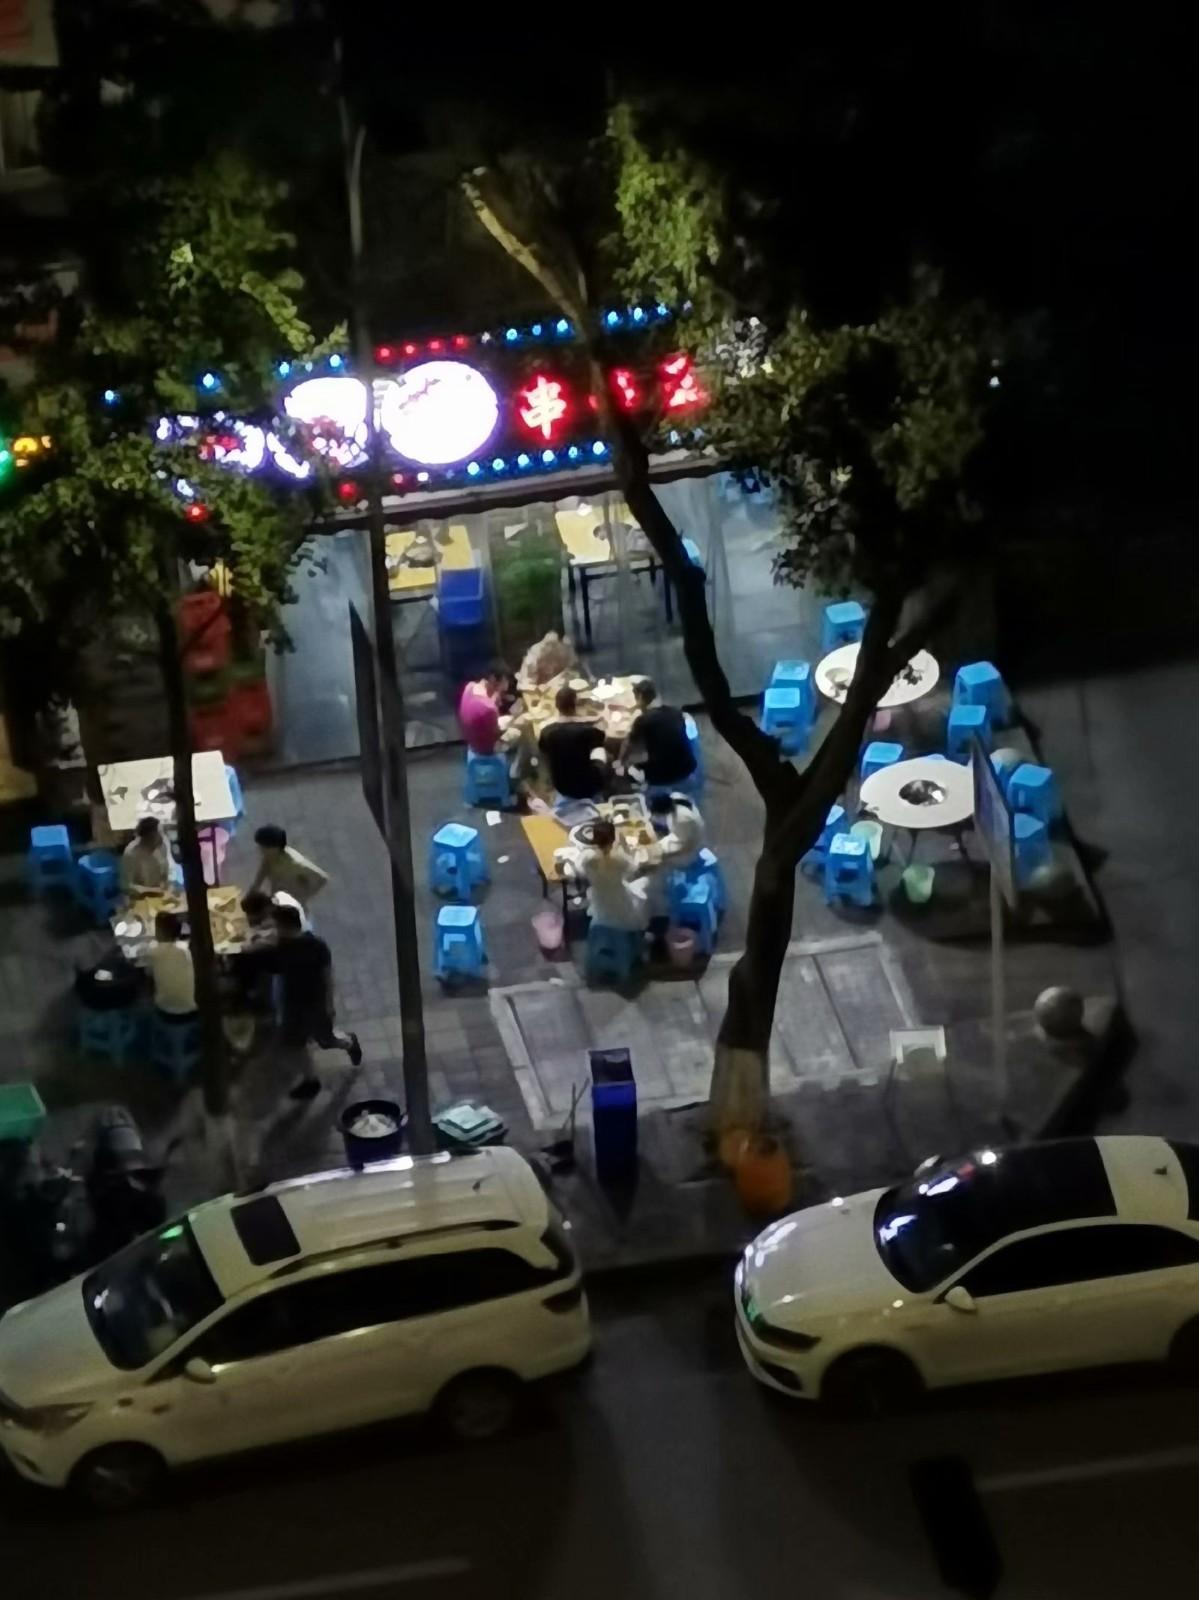 夜啤酒——重庆夜晚异香的城市花_图1-1